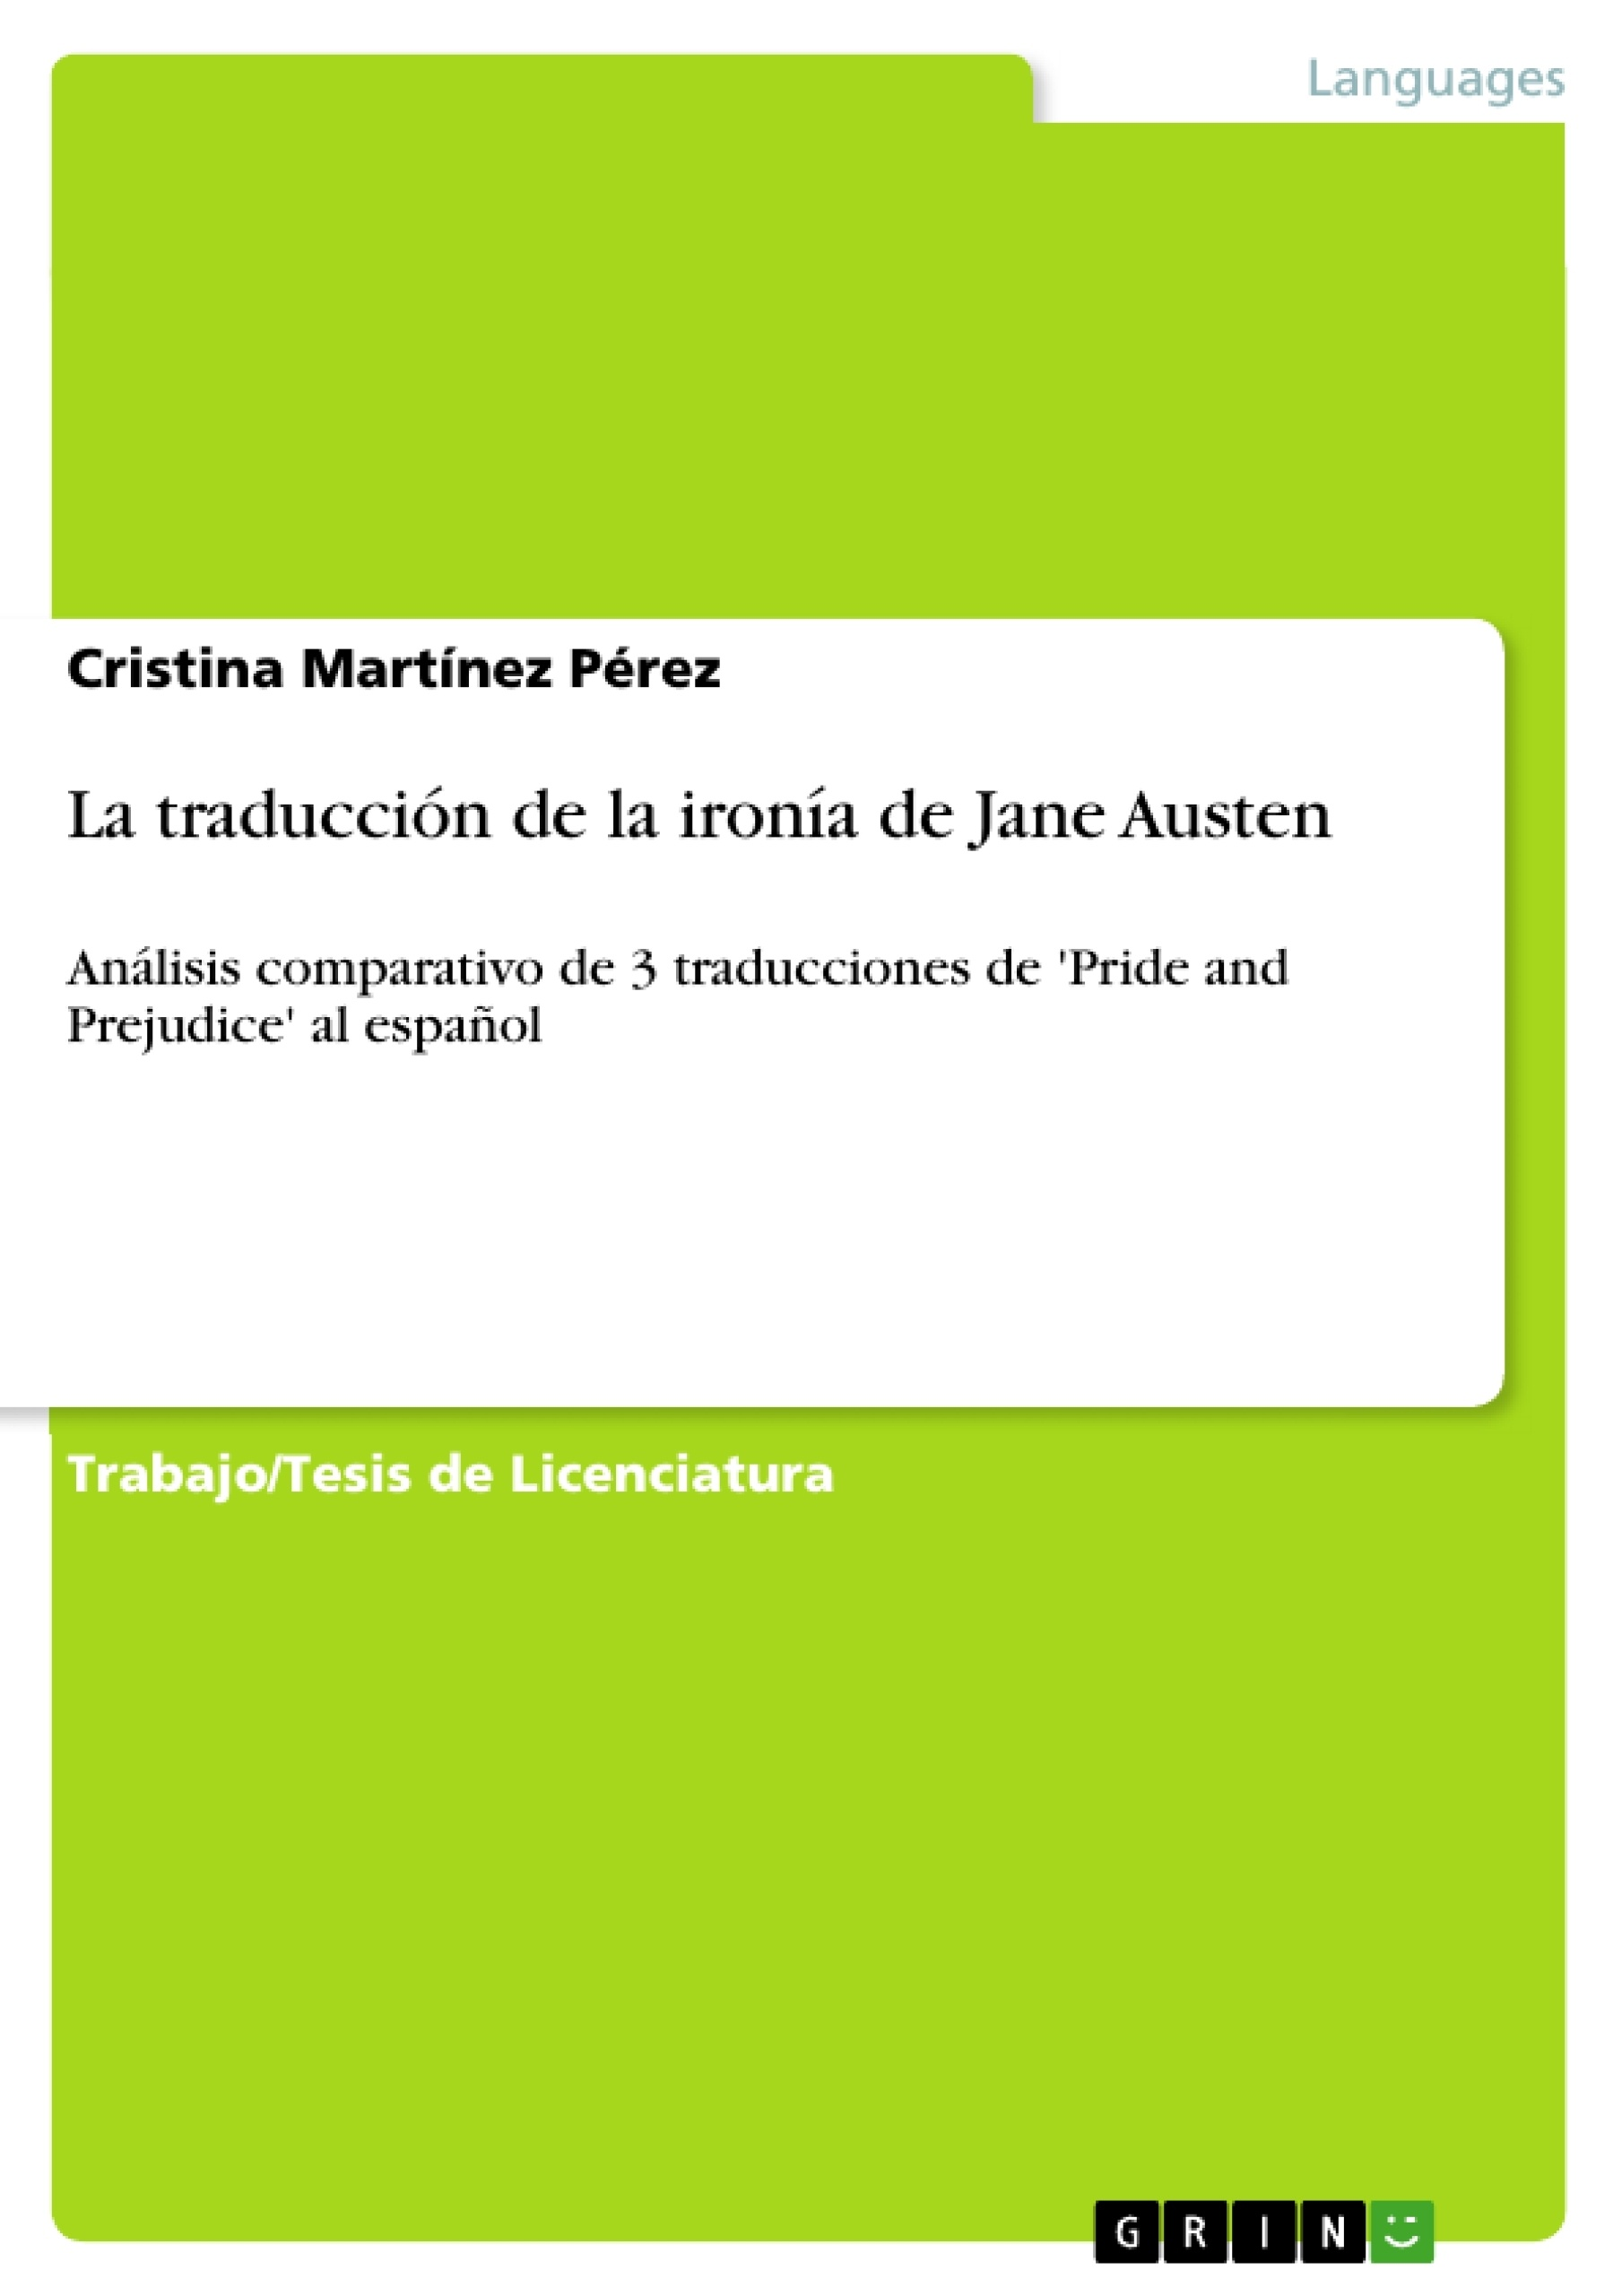 Título: La traducción de la ironía de Jane Austen